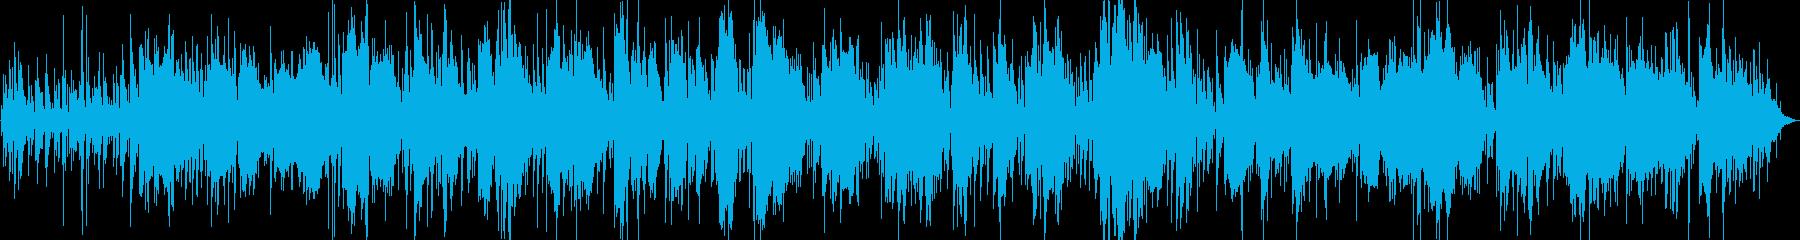 ムーディーでおしゃれなジャズバイオリンの再生済みの波形